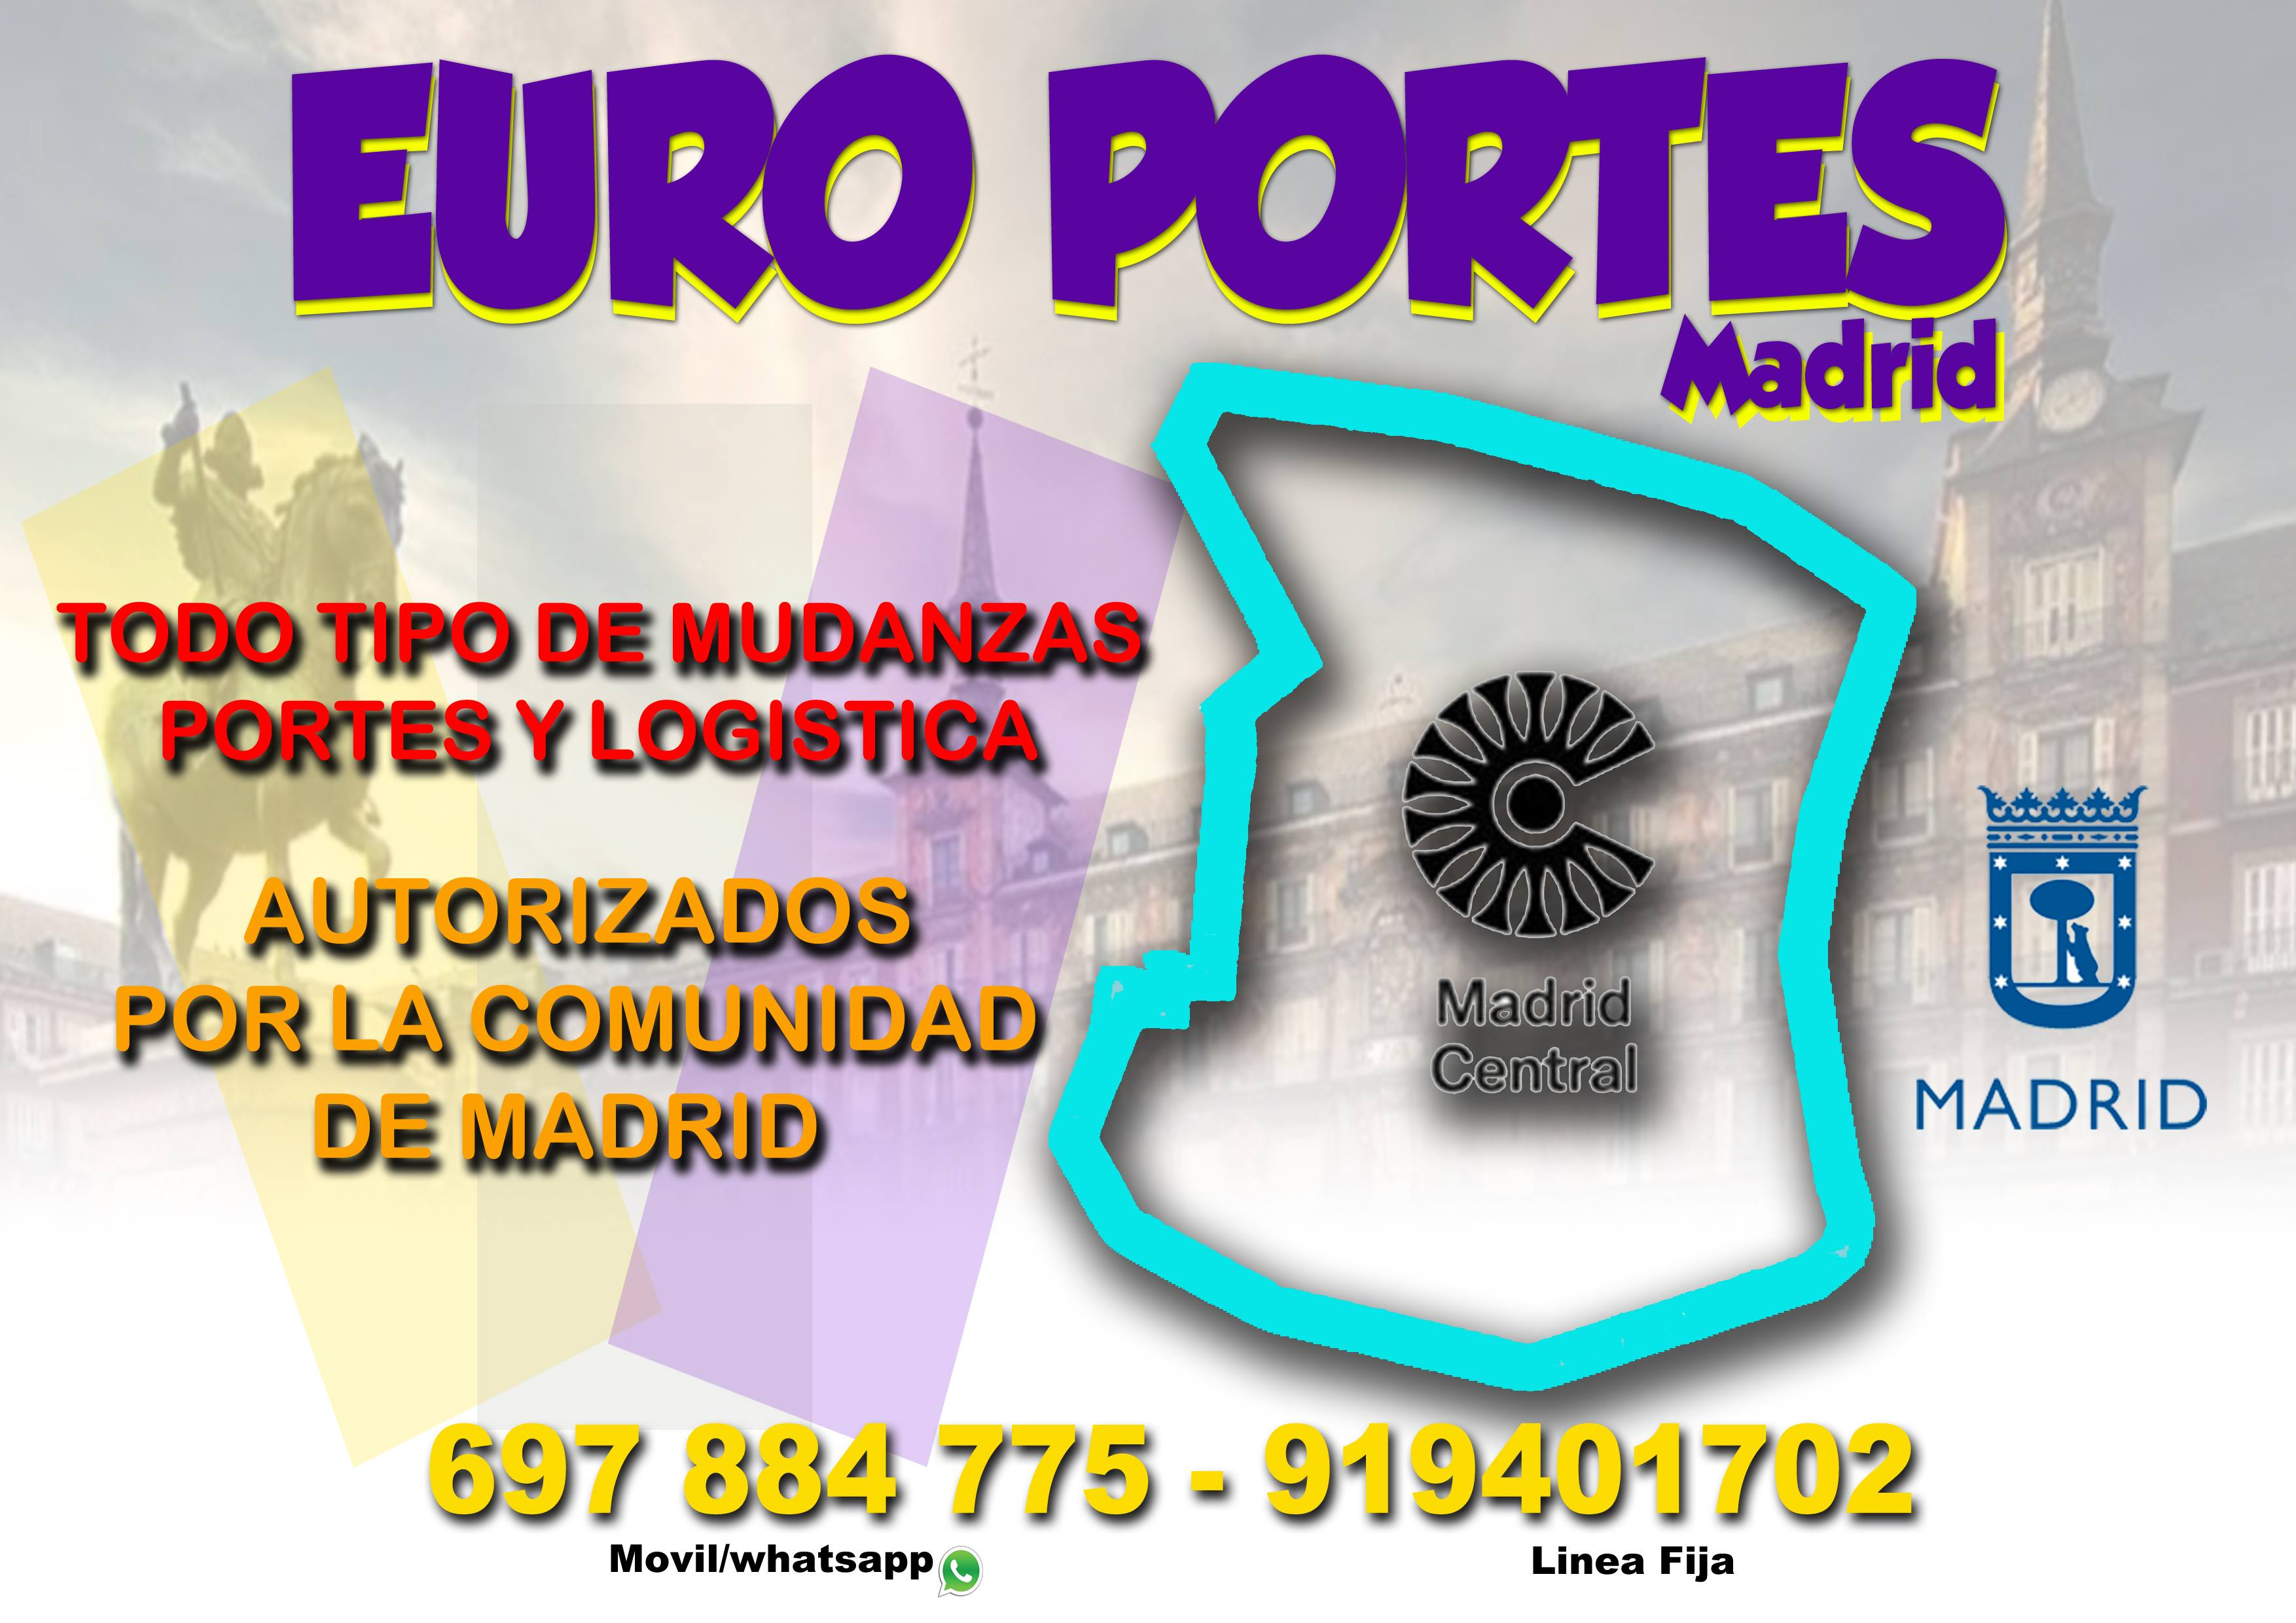 Portes y Mudanzas - #Economico